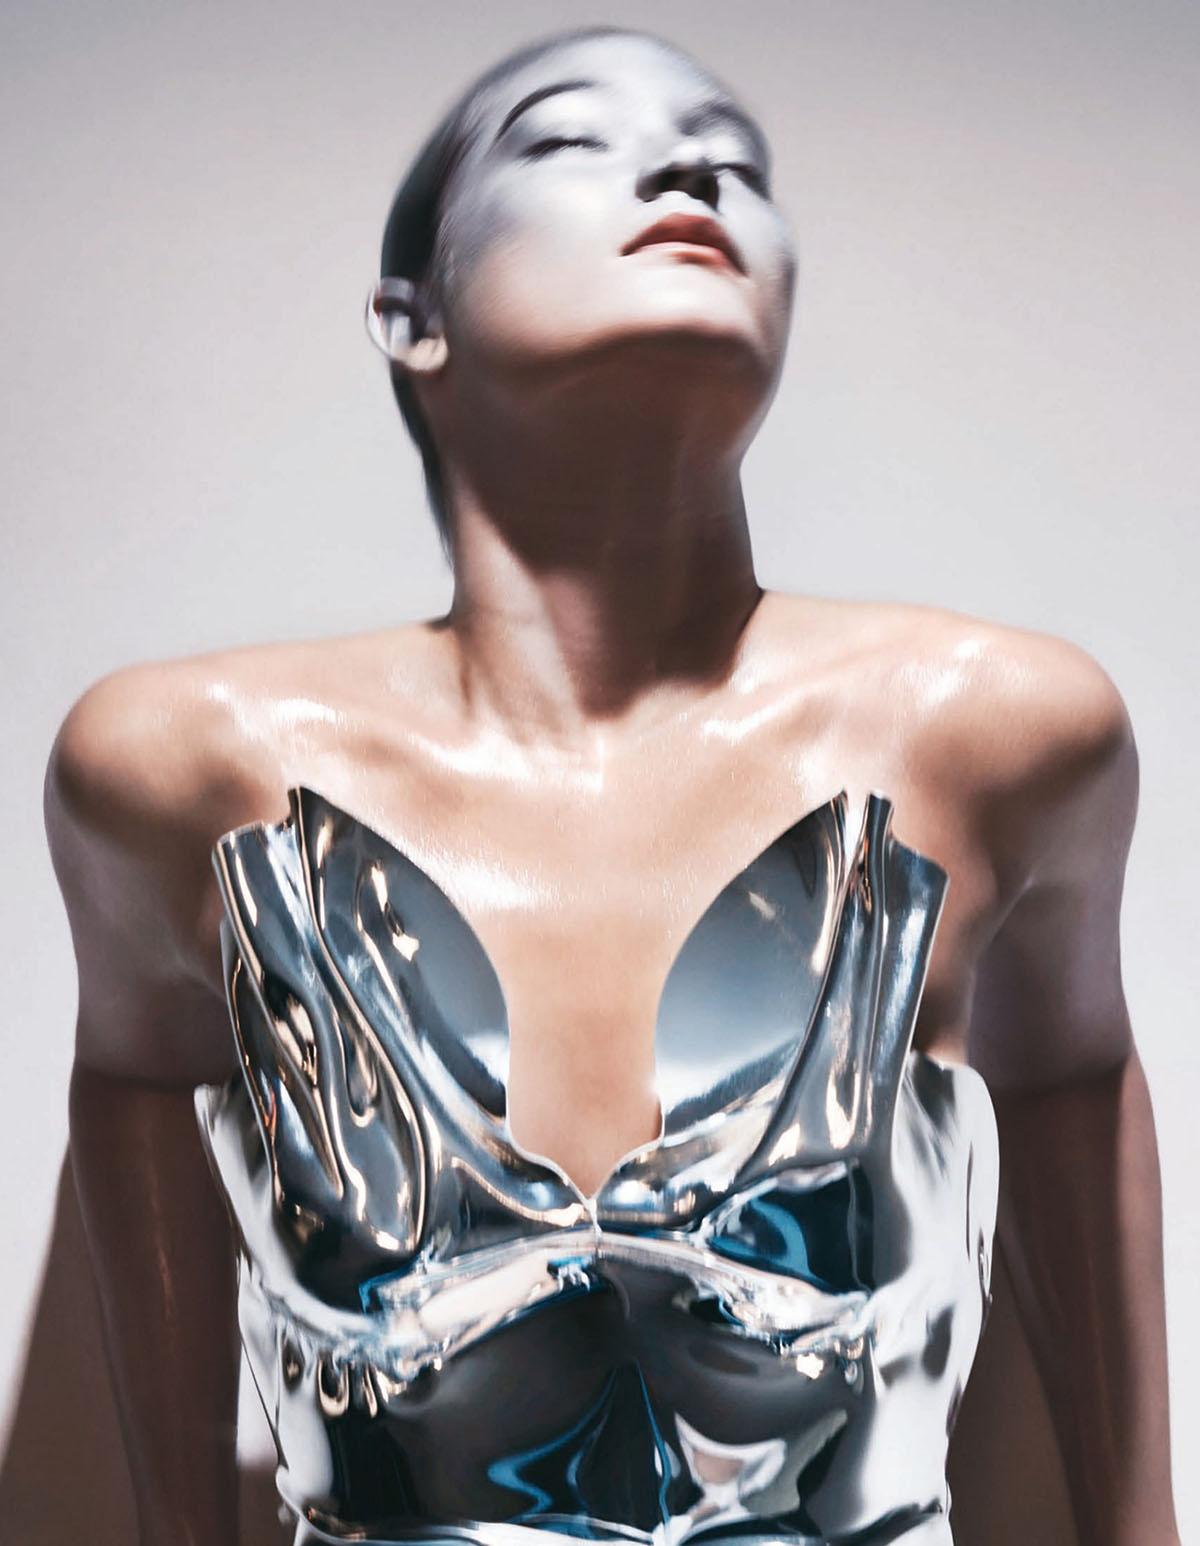 Mona Matsuoka by Nick Krasznai for Vogue China April 2021